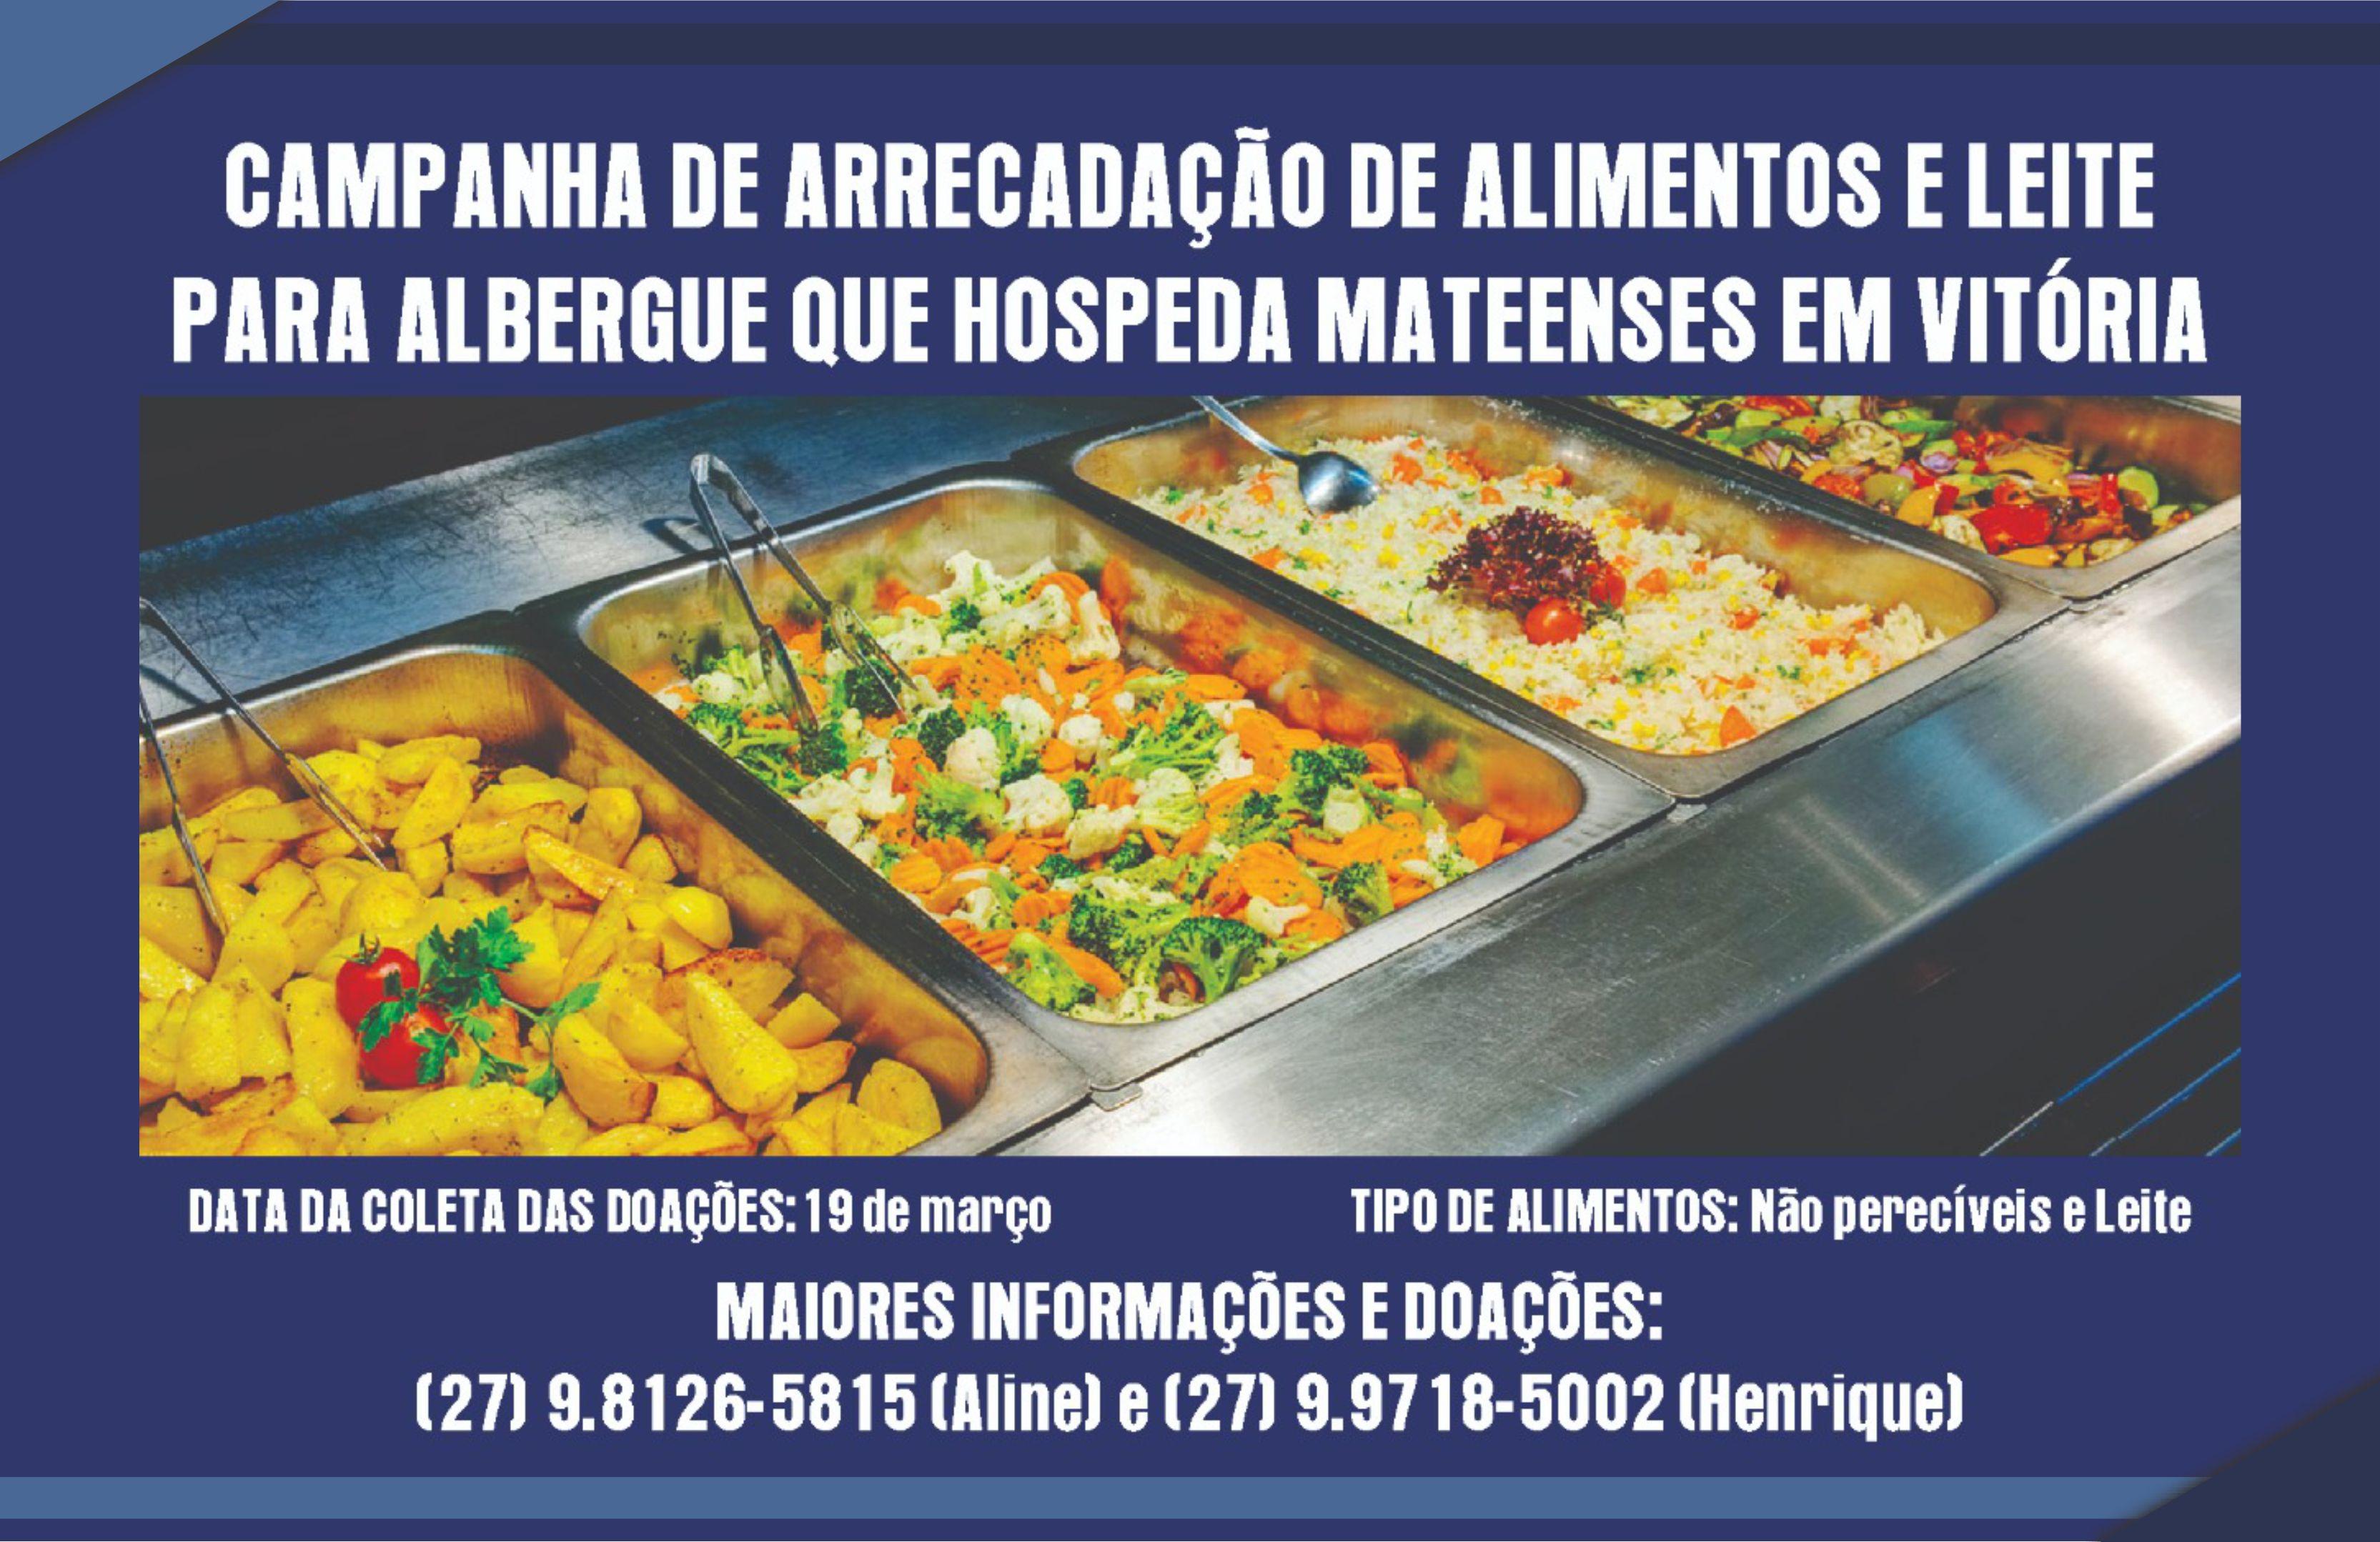 Campanha para ajudar albergues de pacientes de São Mateus